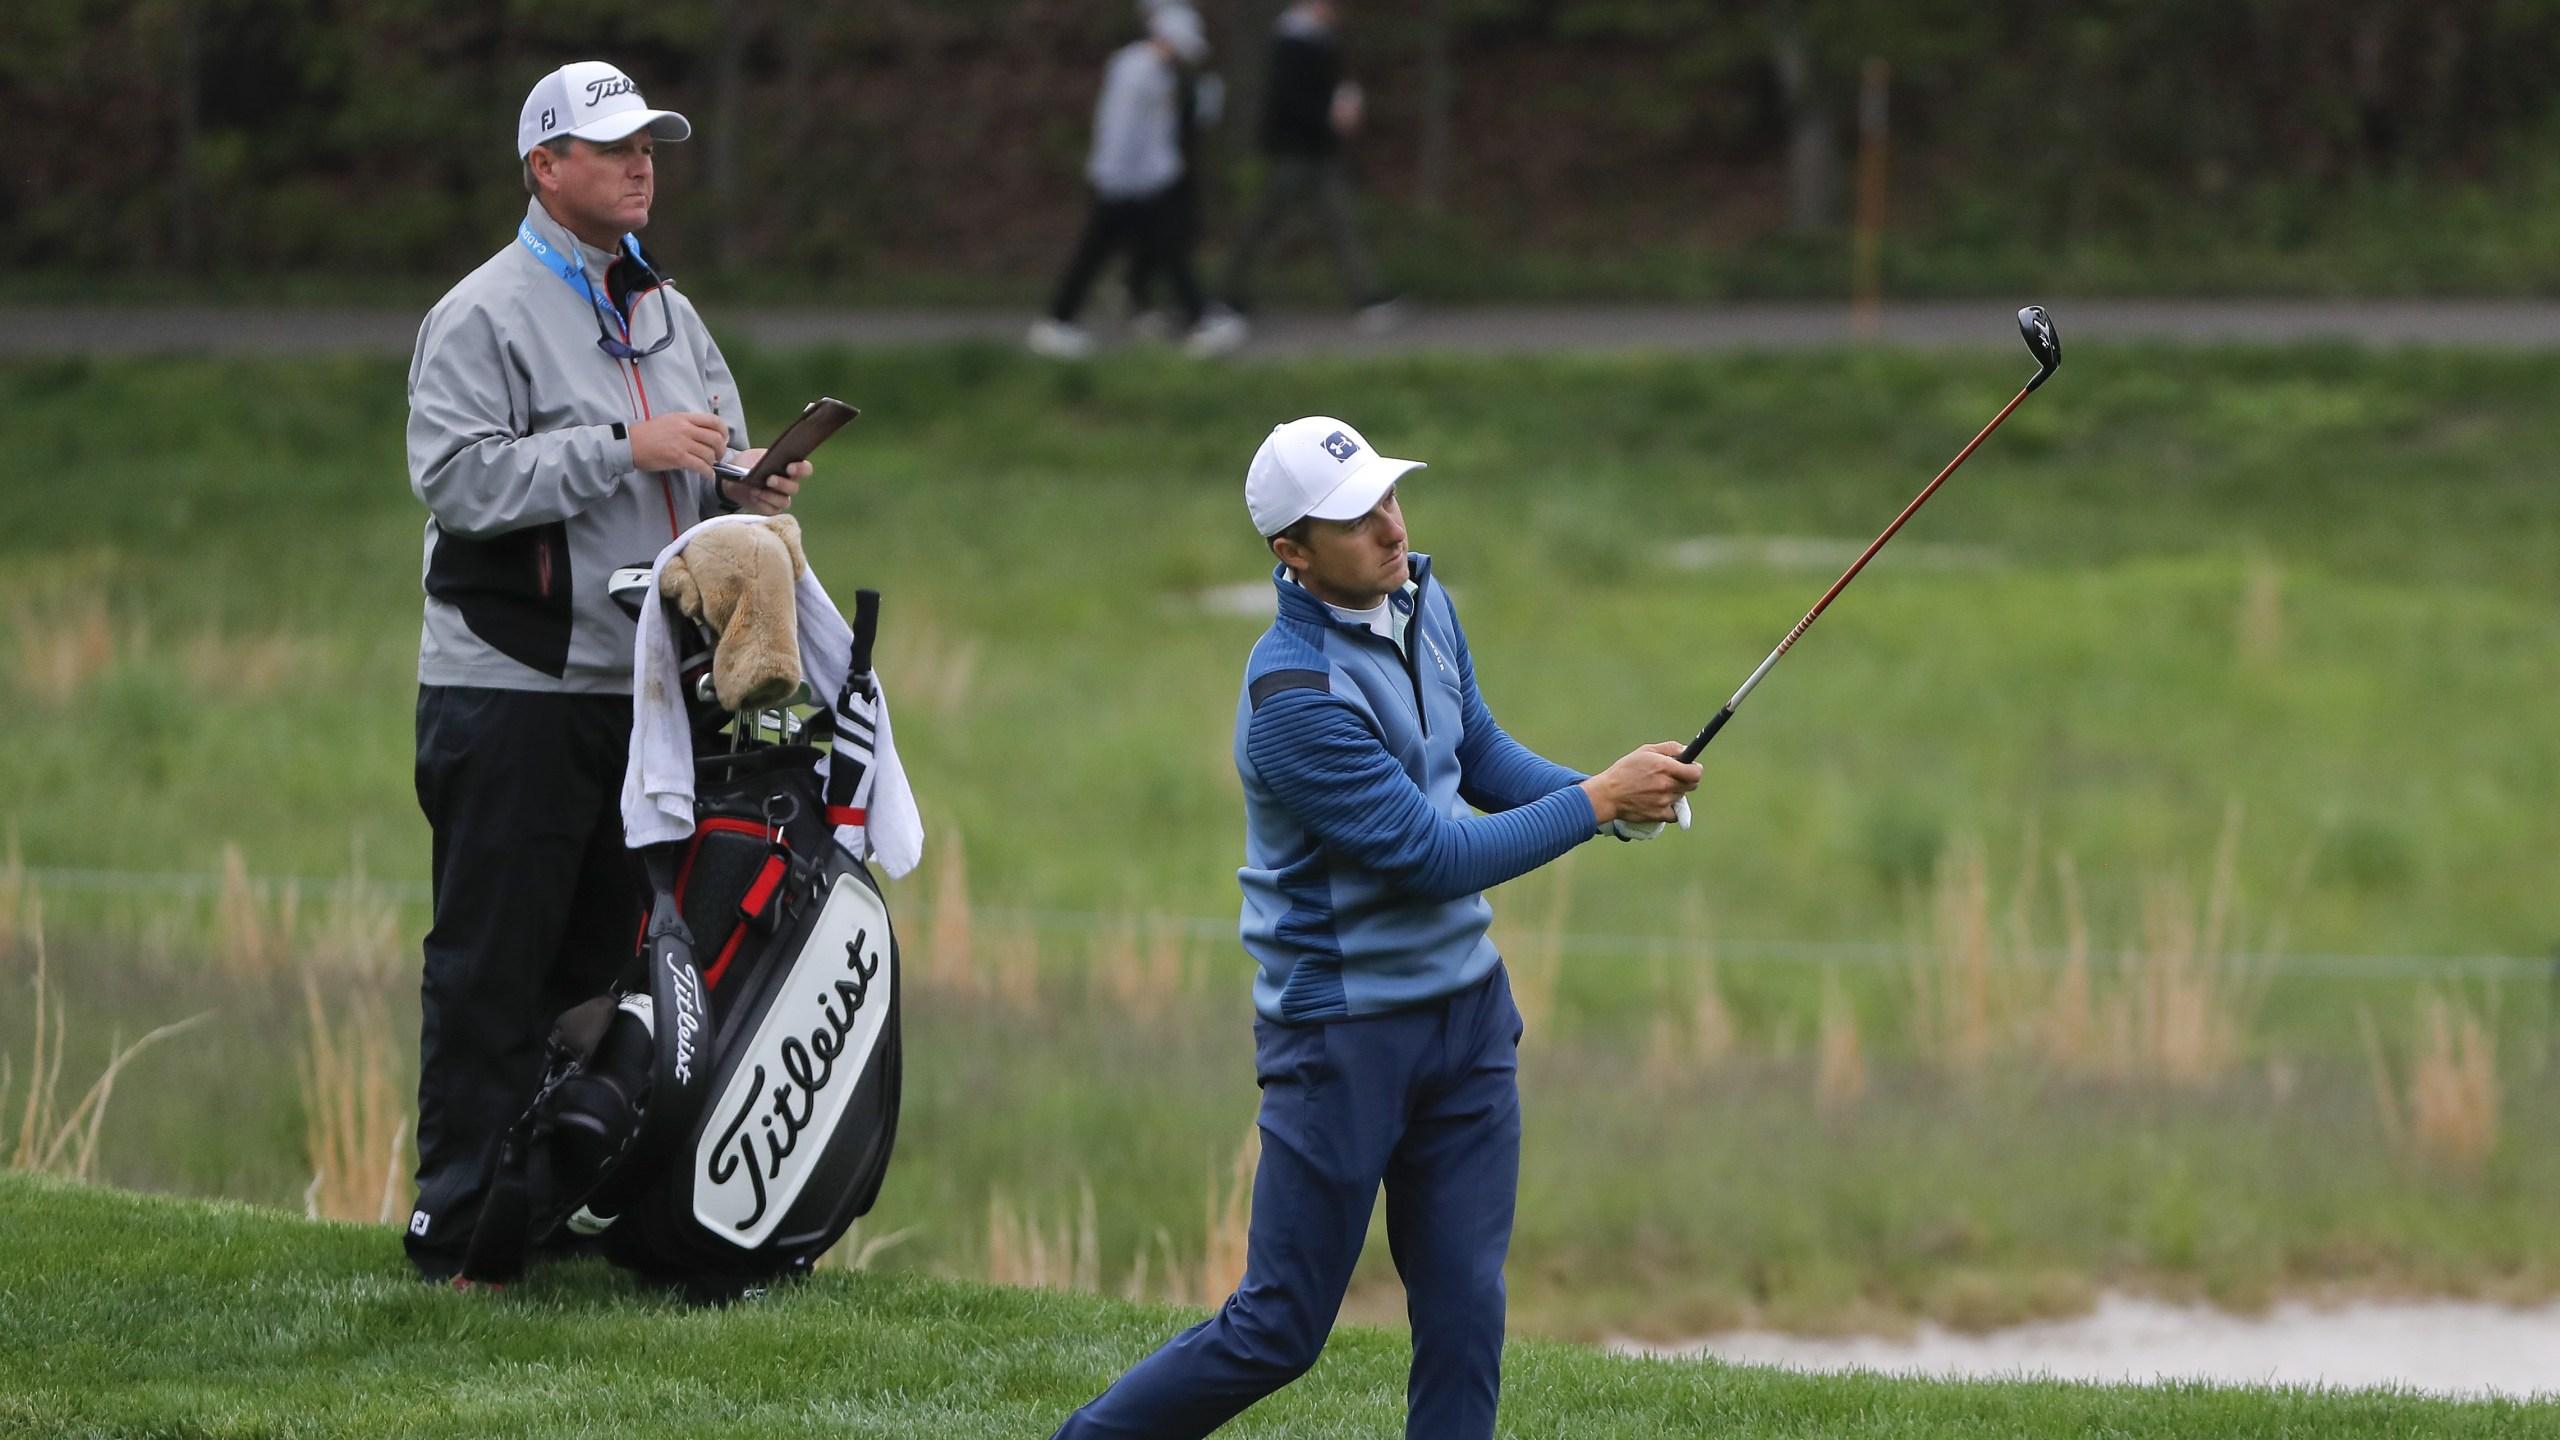 Jordan Spieth PGA Championship 2019